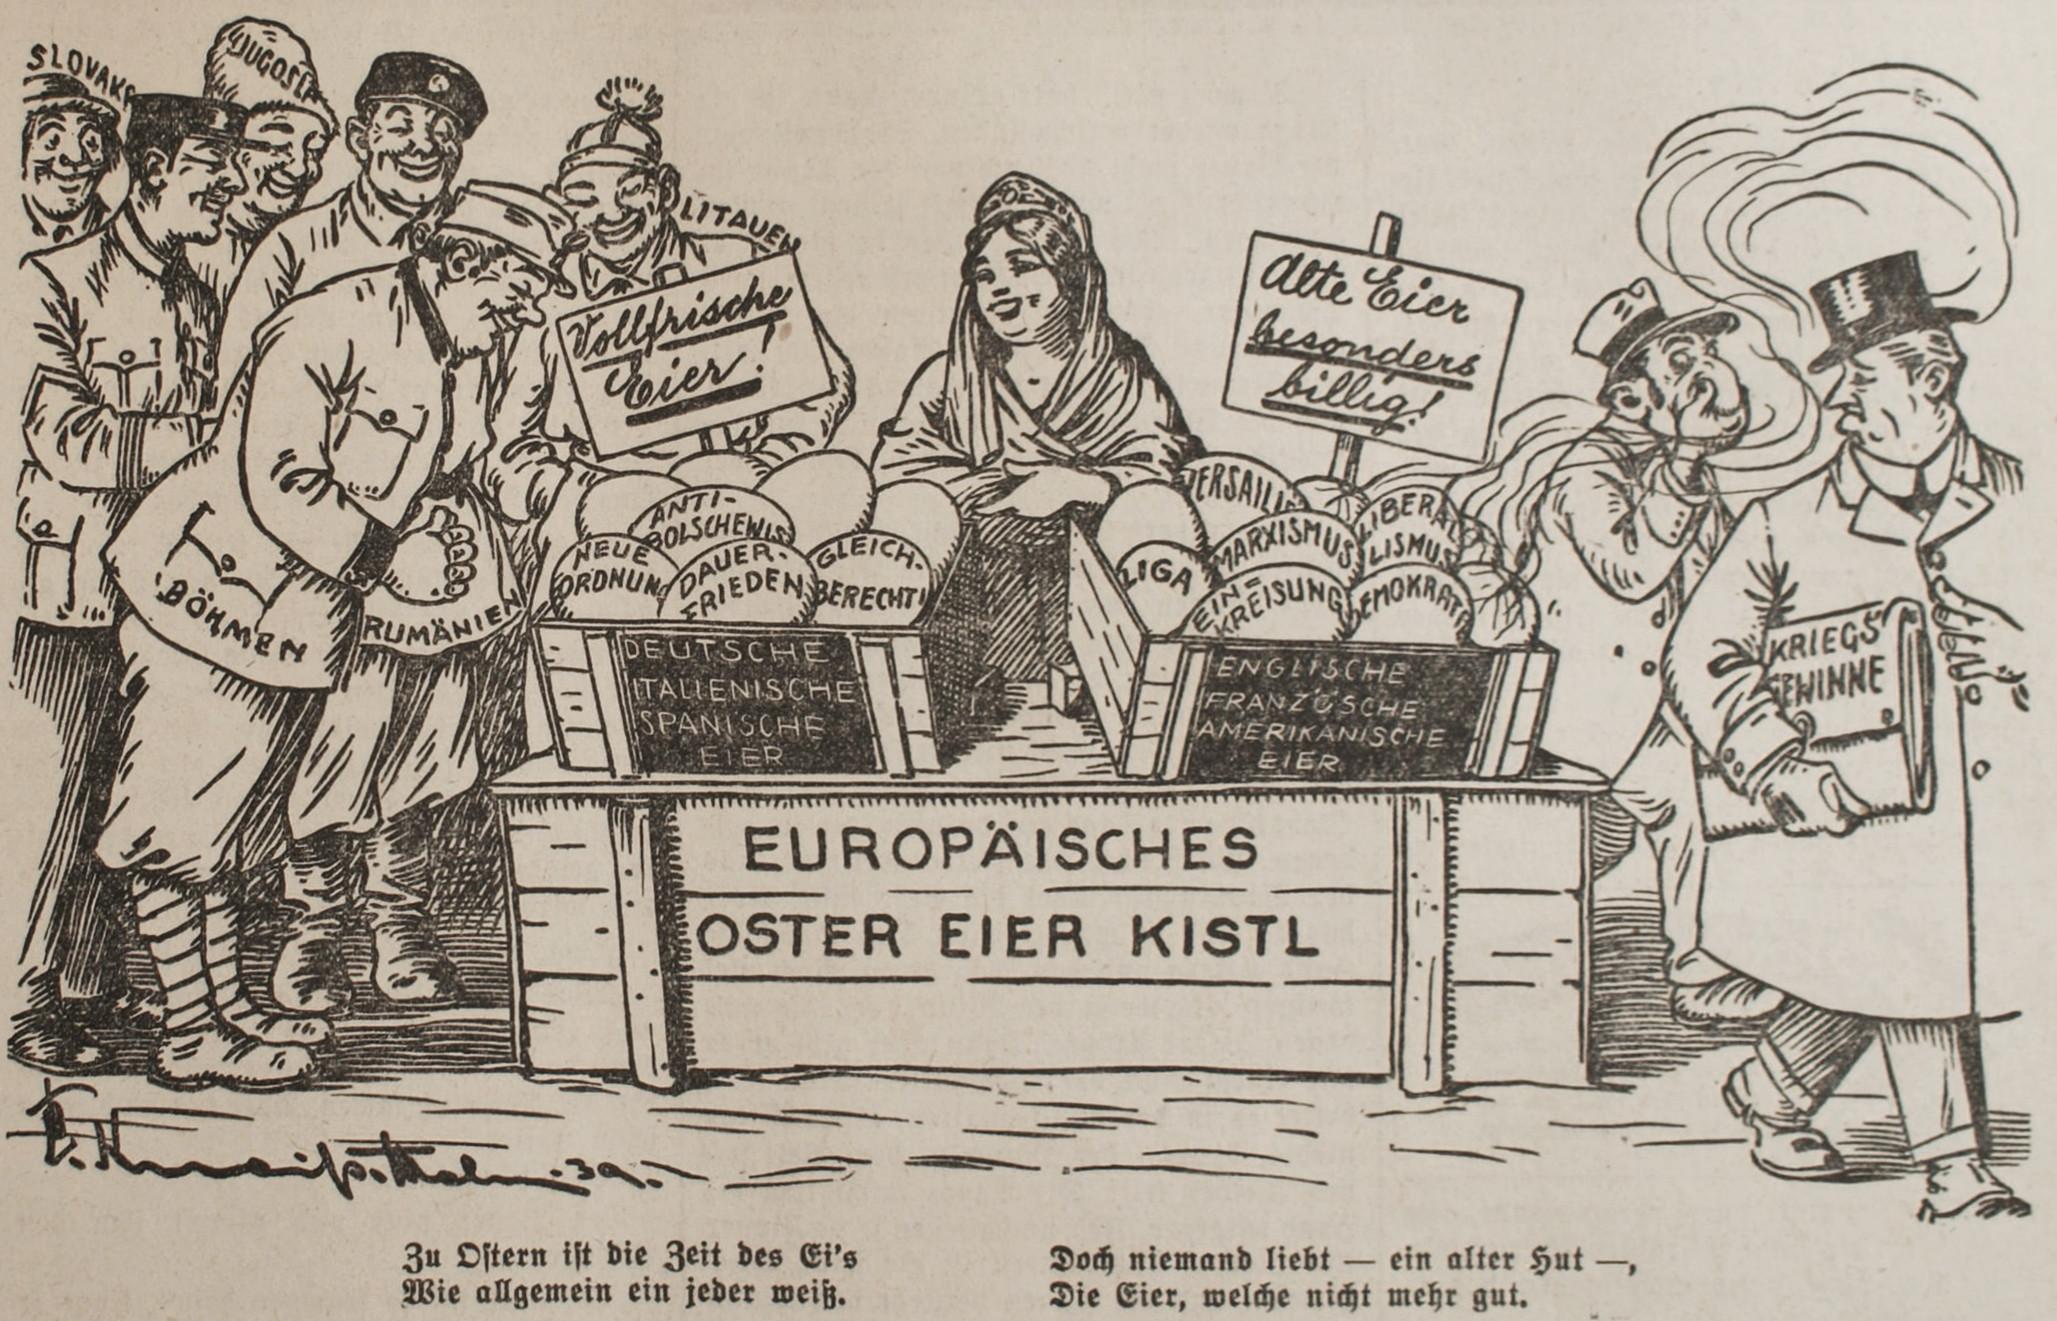 Bild: Europäisches Oster-Eier-Kistl